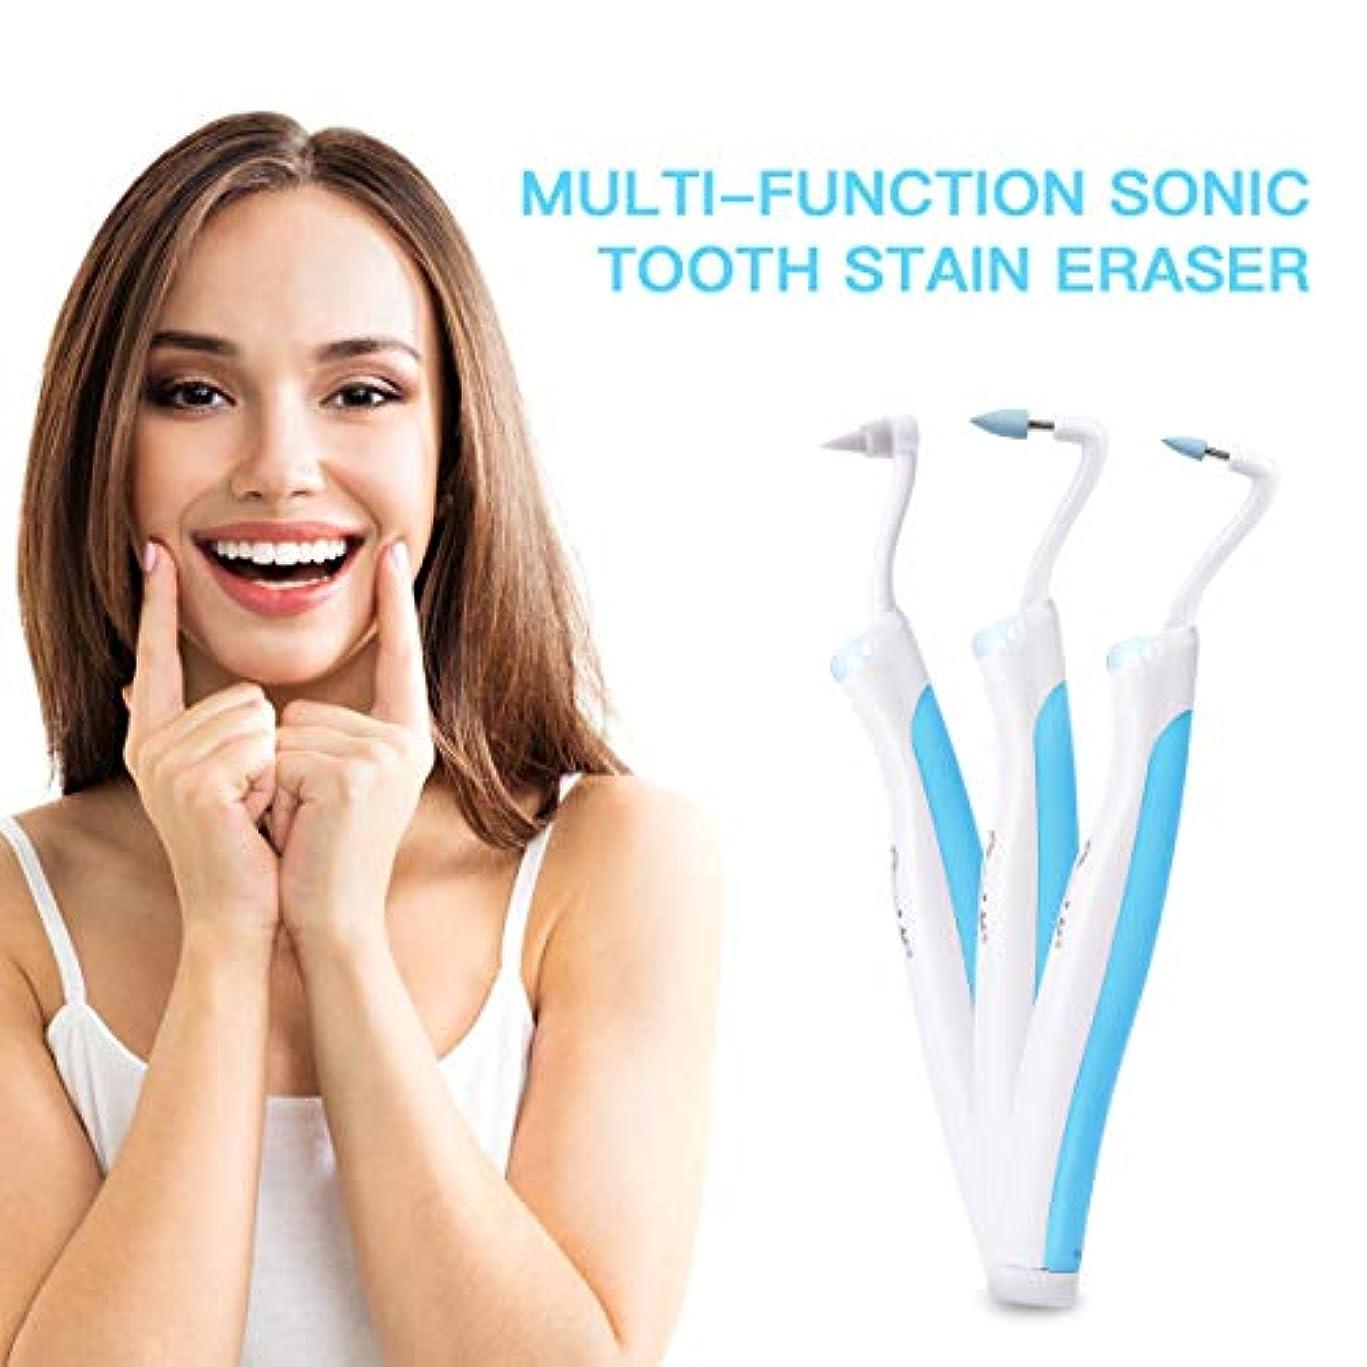 派手容赦ないコンパニオン歯の消しゴム 電動 LED 歯科用ツール 歯間クリーナー CkeyiN 歯石取り 歯垢取り 口腔ケア オーラルケア